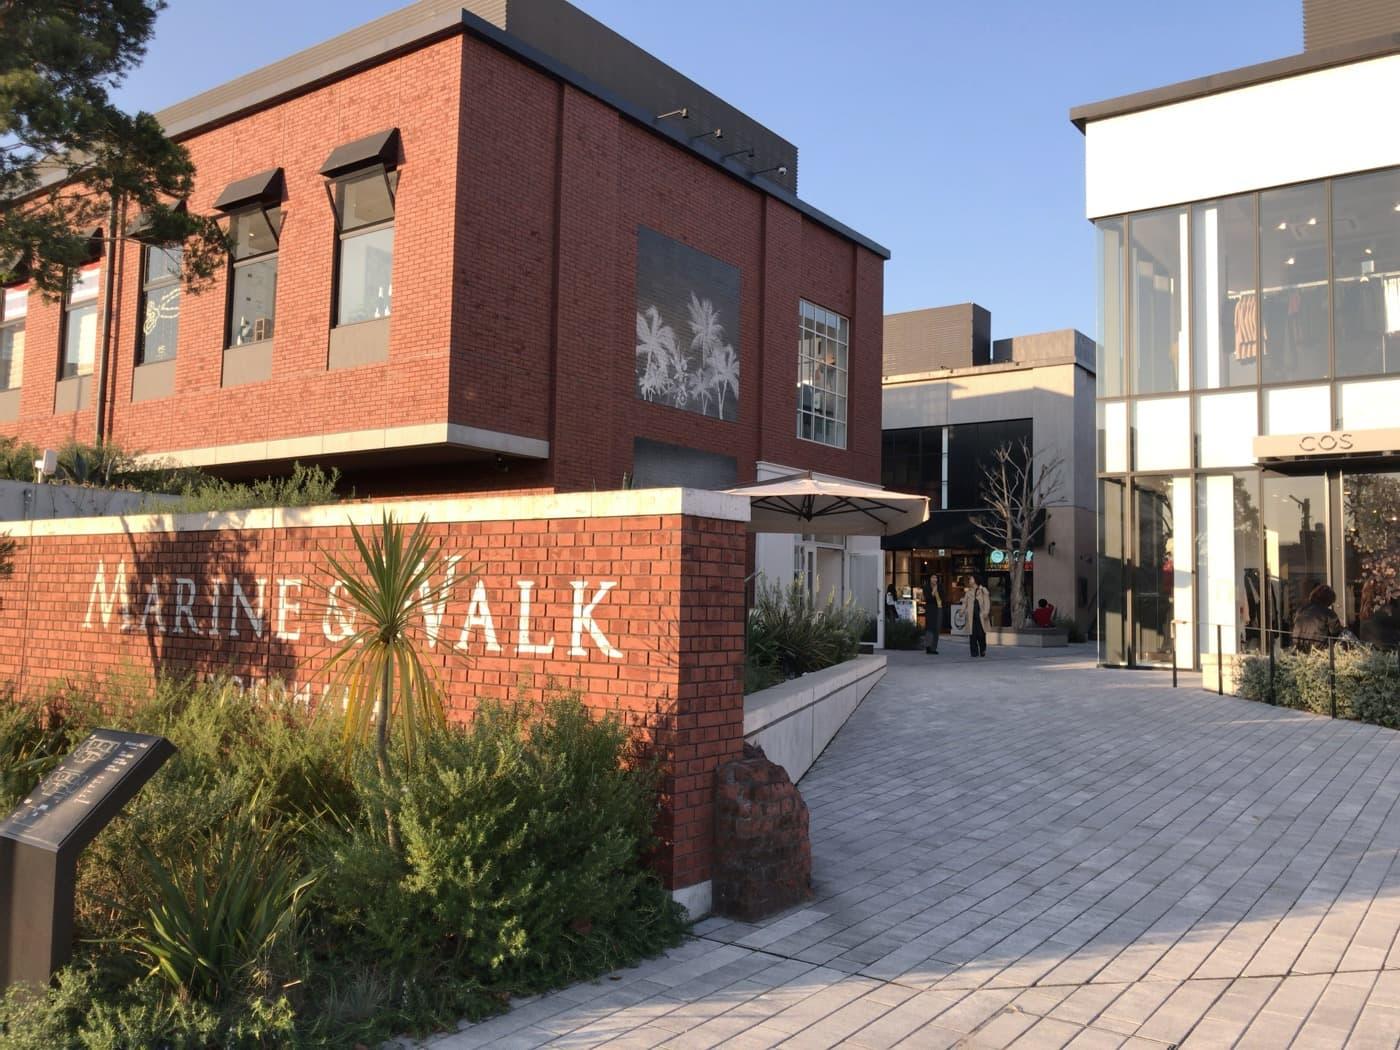 MARINE&WALK横浜の入り口